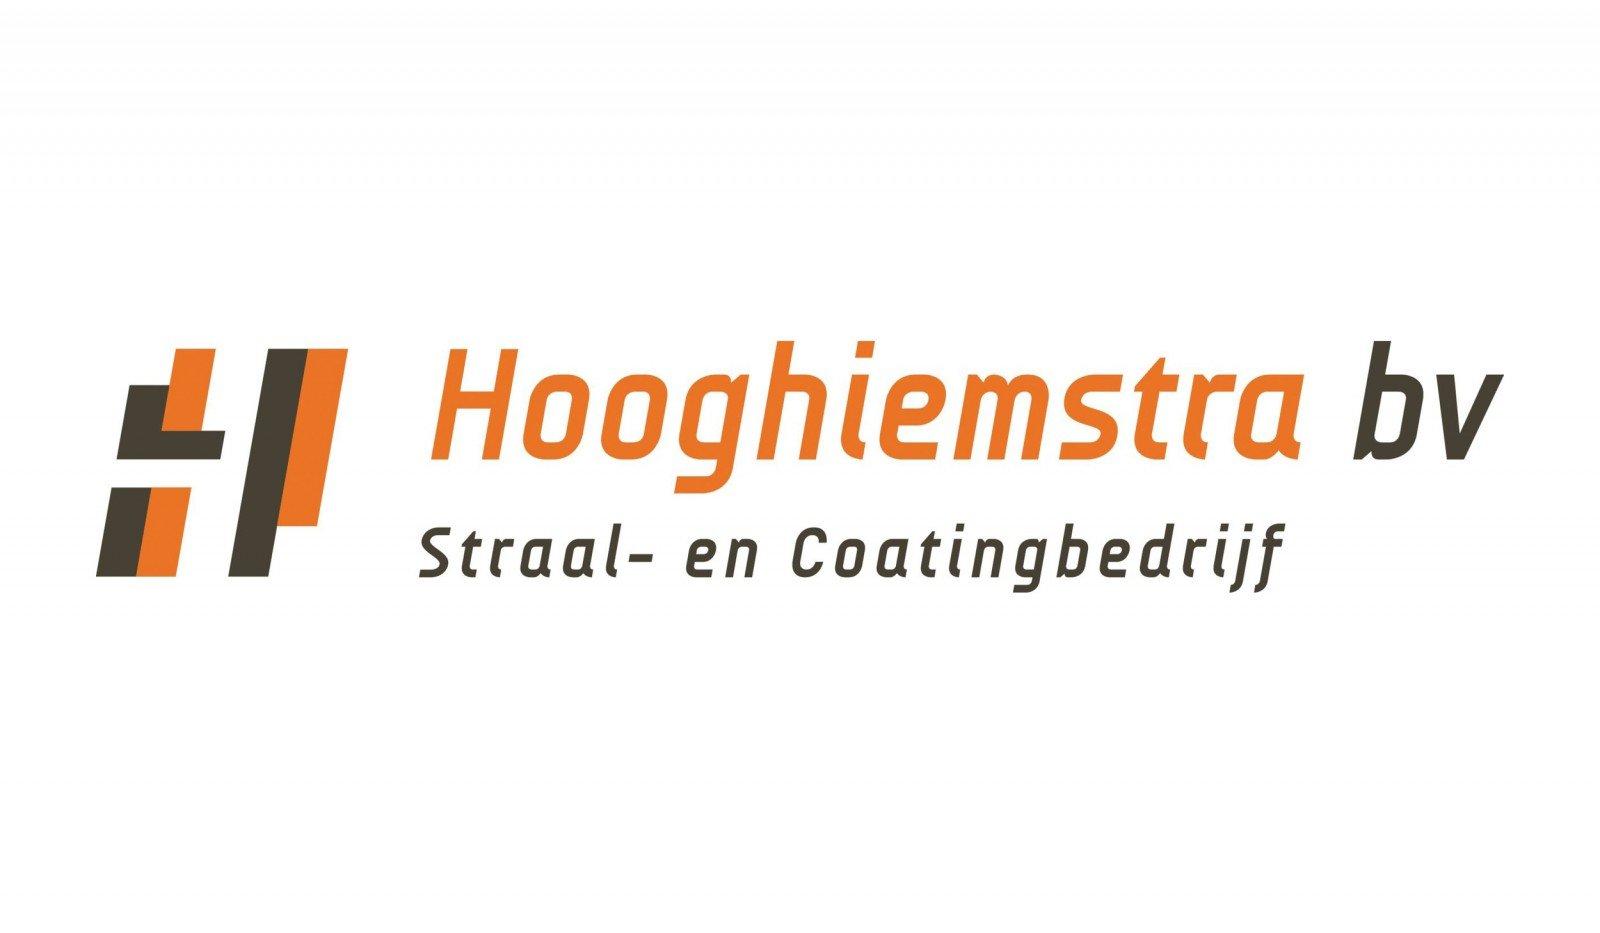 Hooghiemstra bv